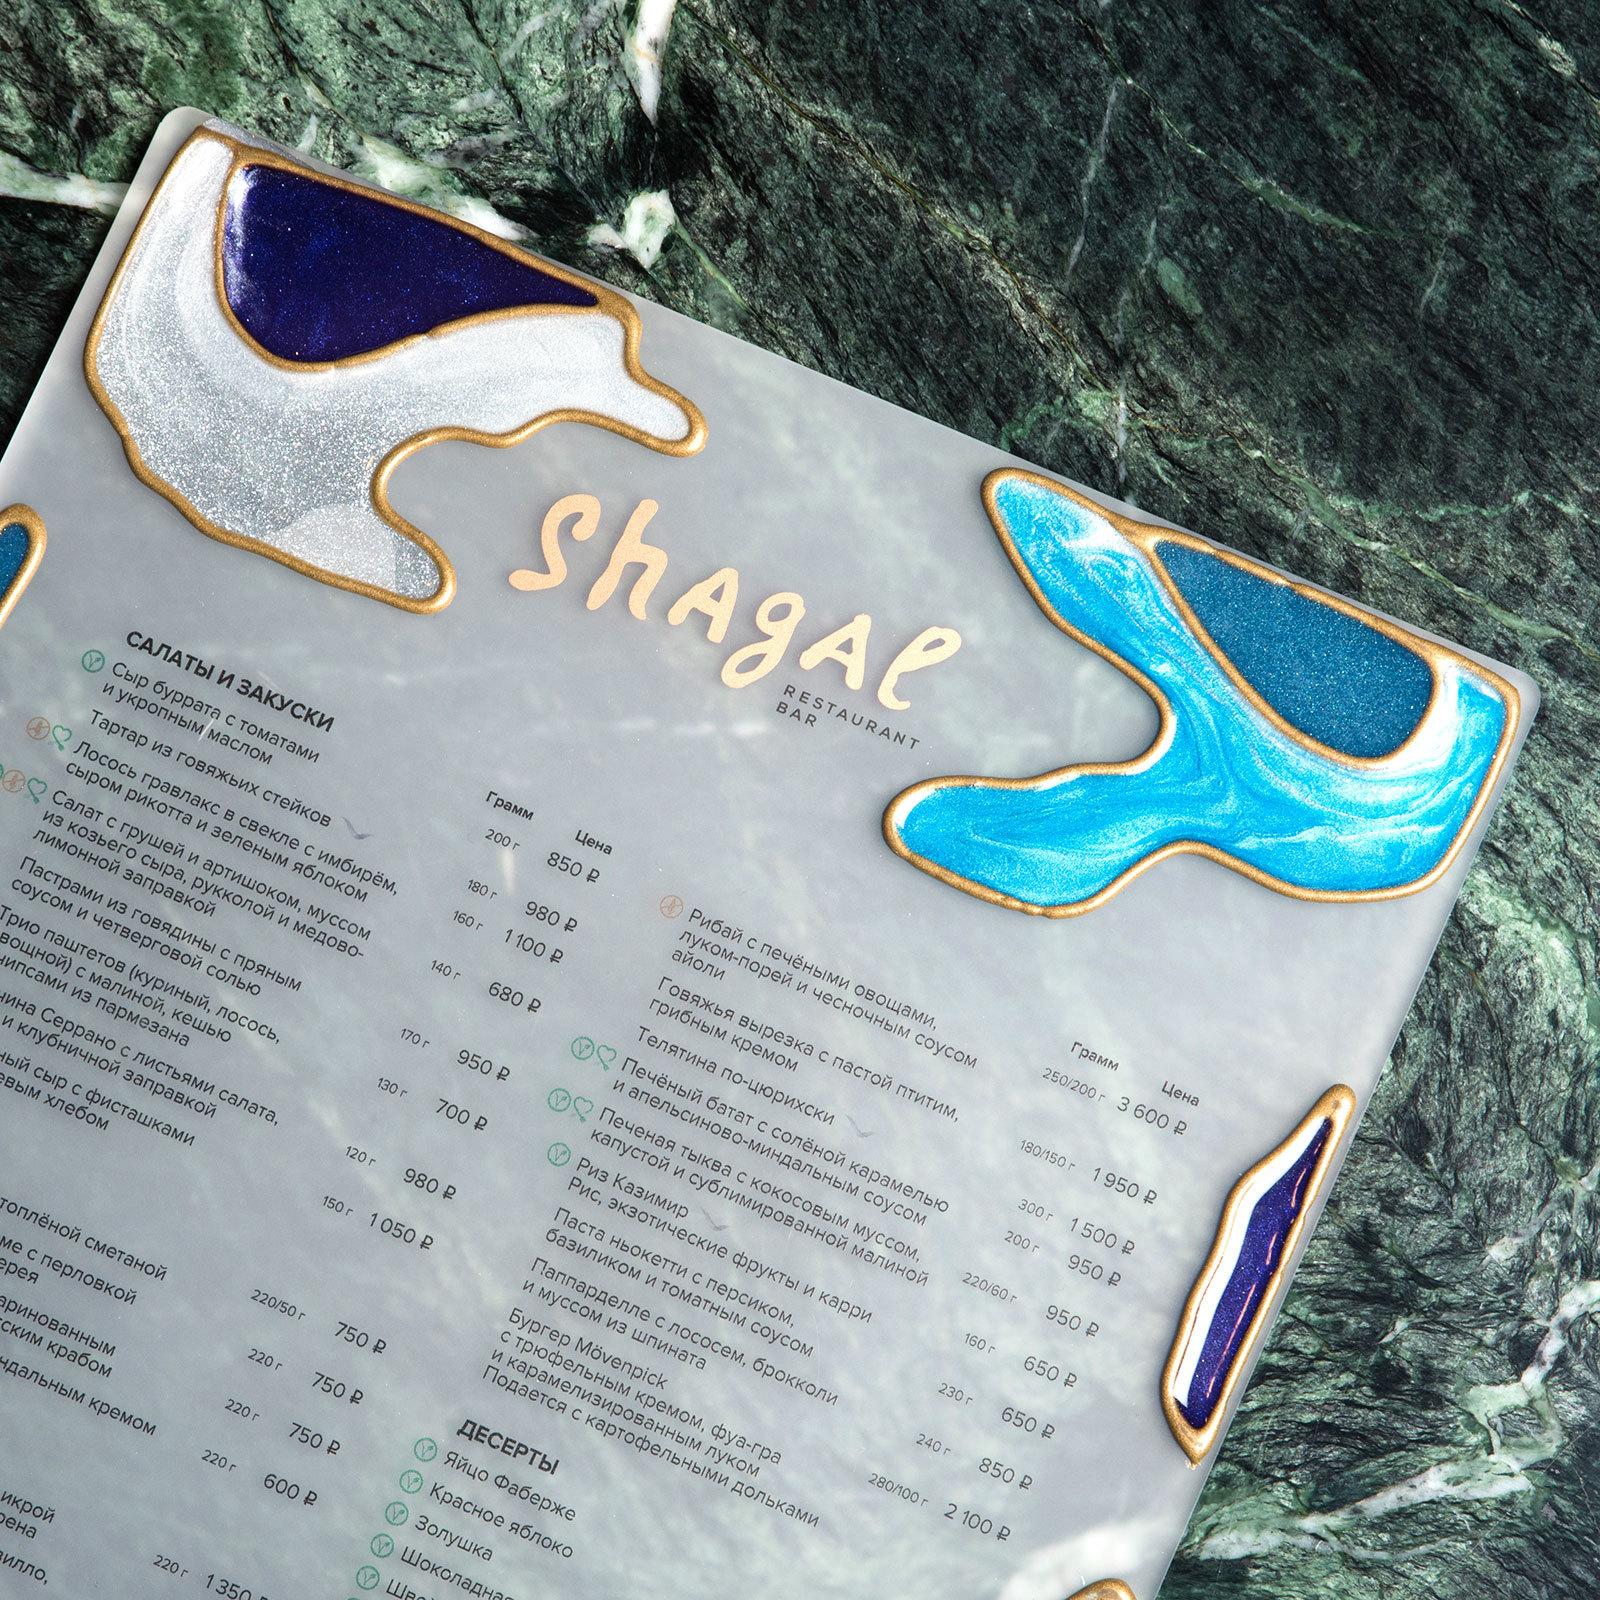 Меню в витражном стиле для ресторана Shagal